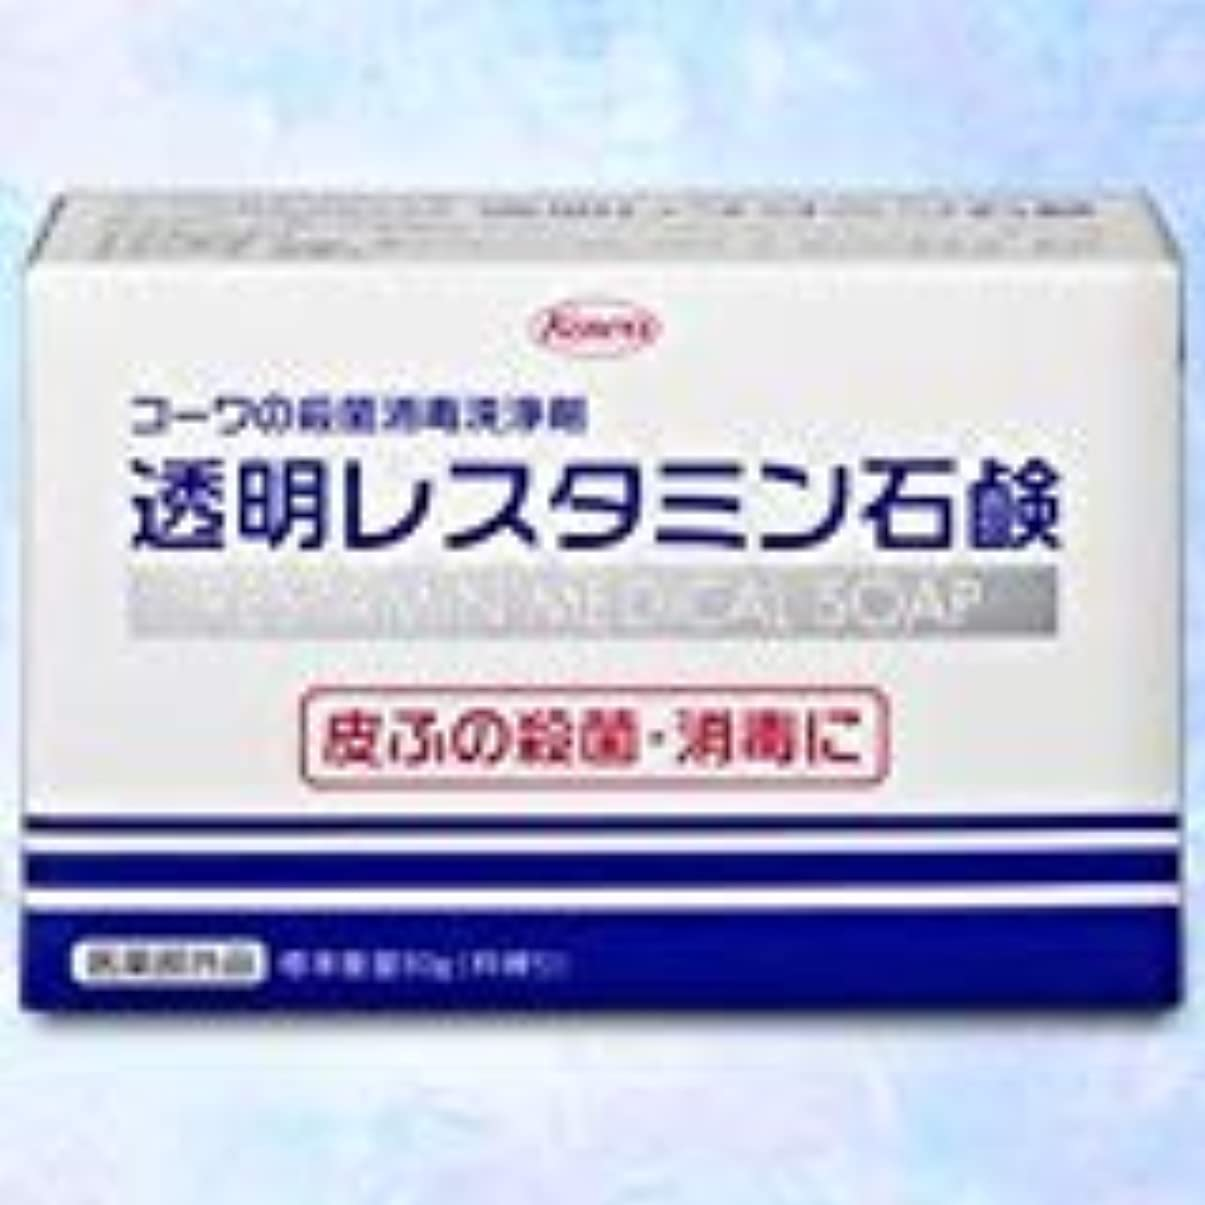 地下制限する放置【興和】コーワの殺菌消毒洗浄剤「透明レスタミン石鹸」80g(医薬部外品) ×3個セット